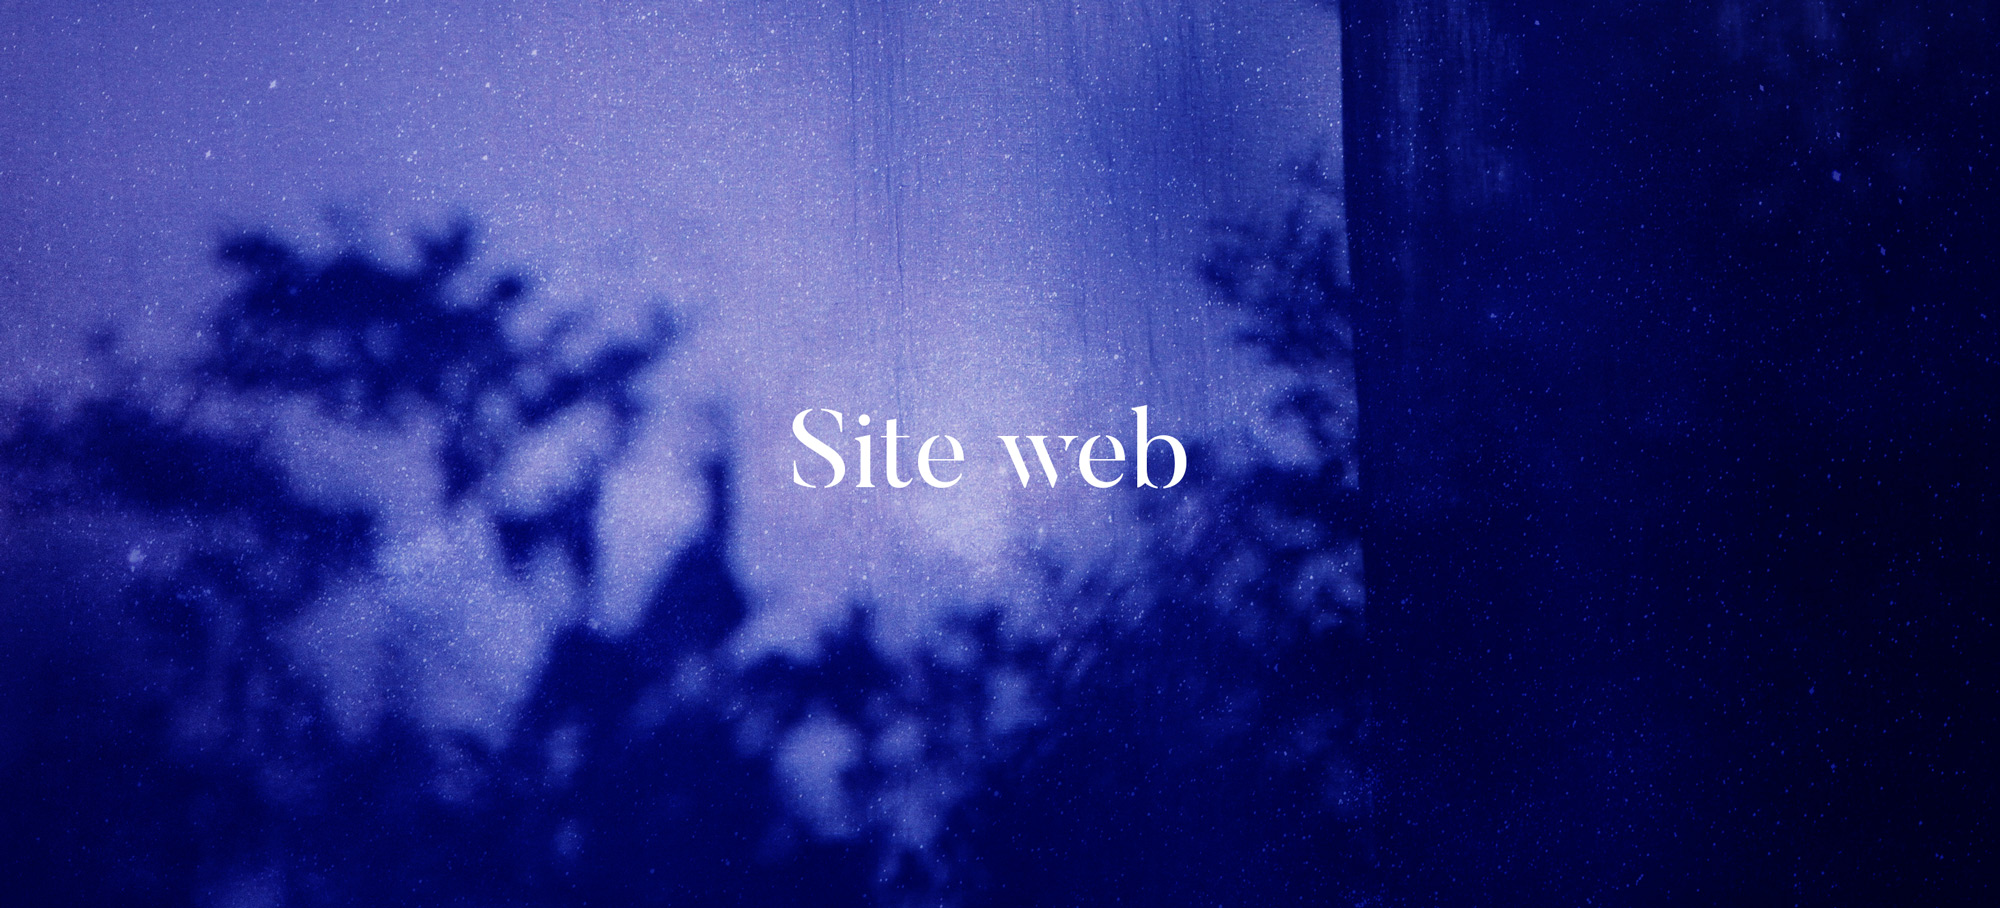 site-web-agence-ysee-valentine-franssen